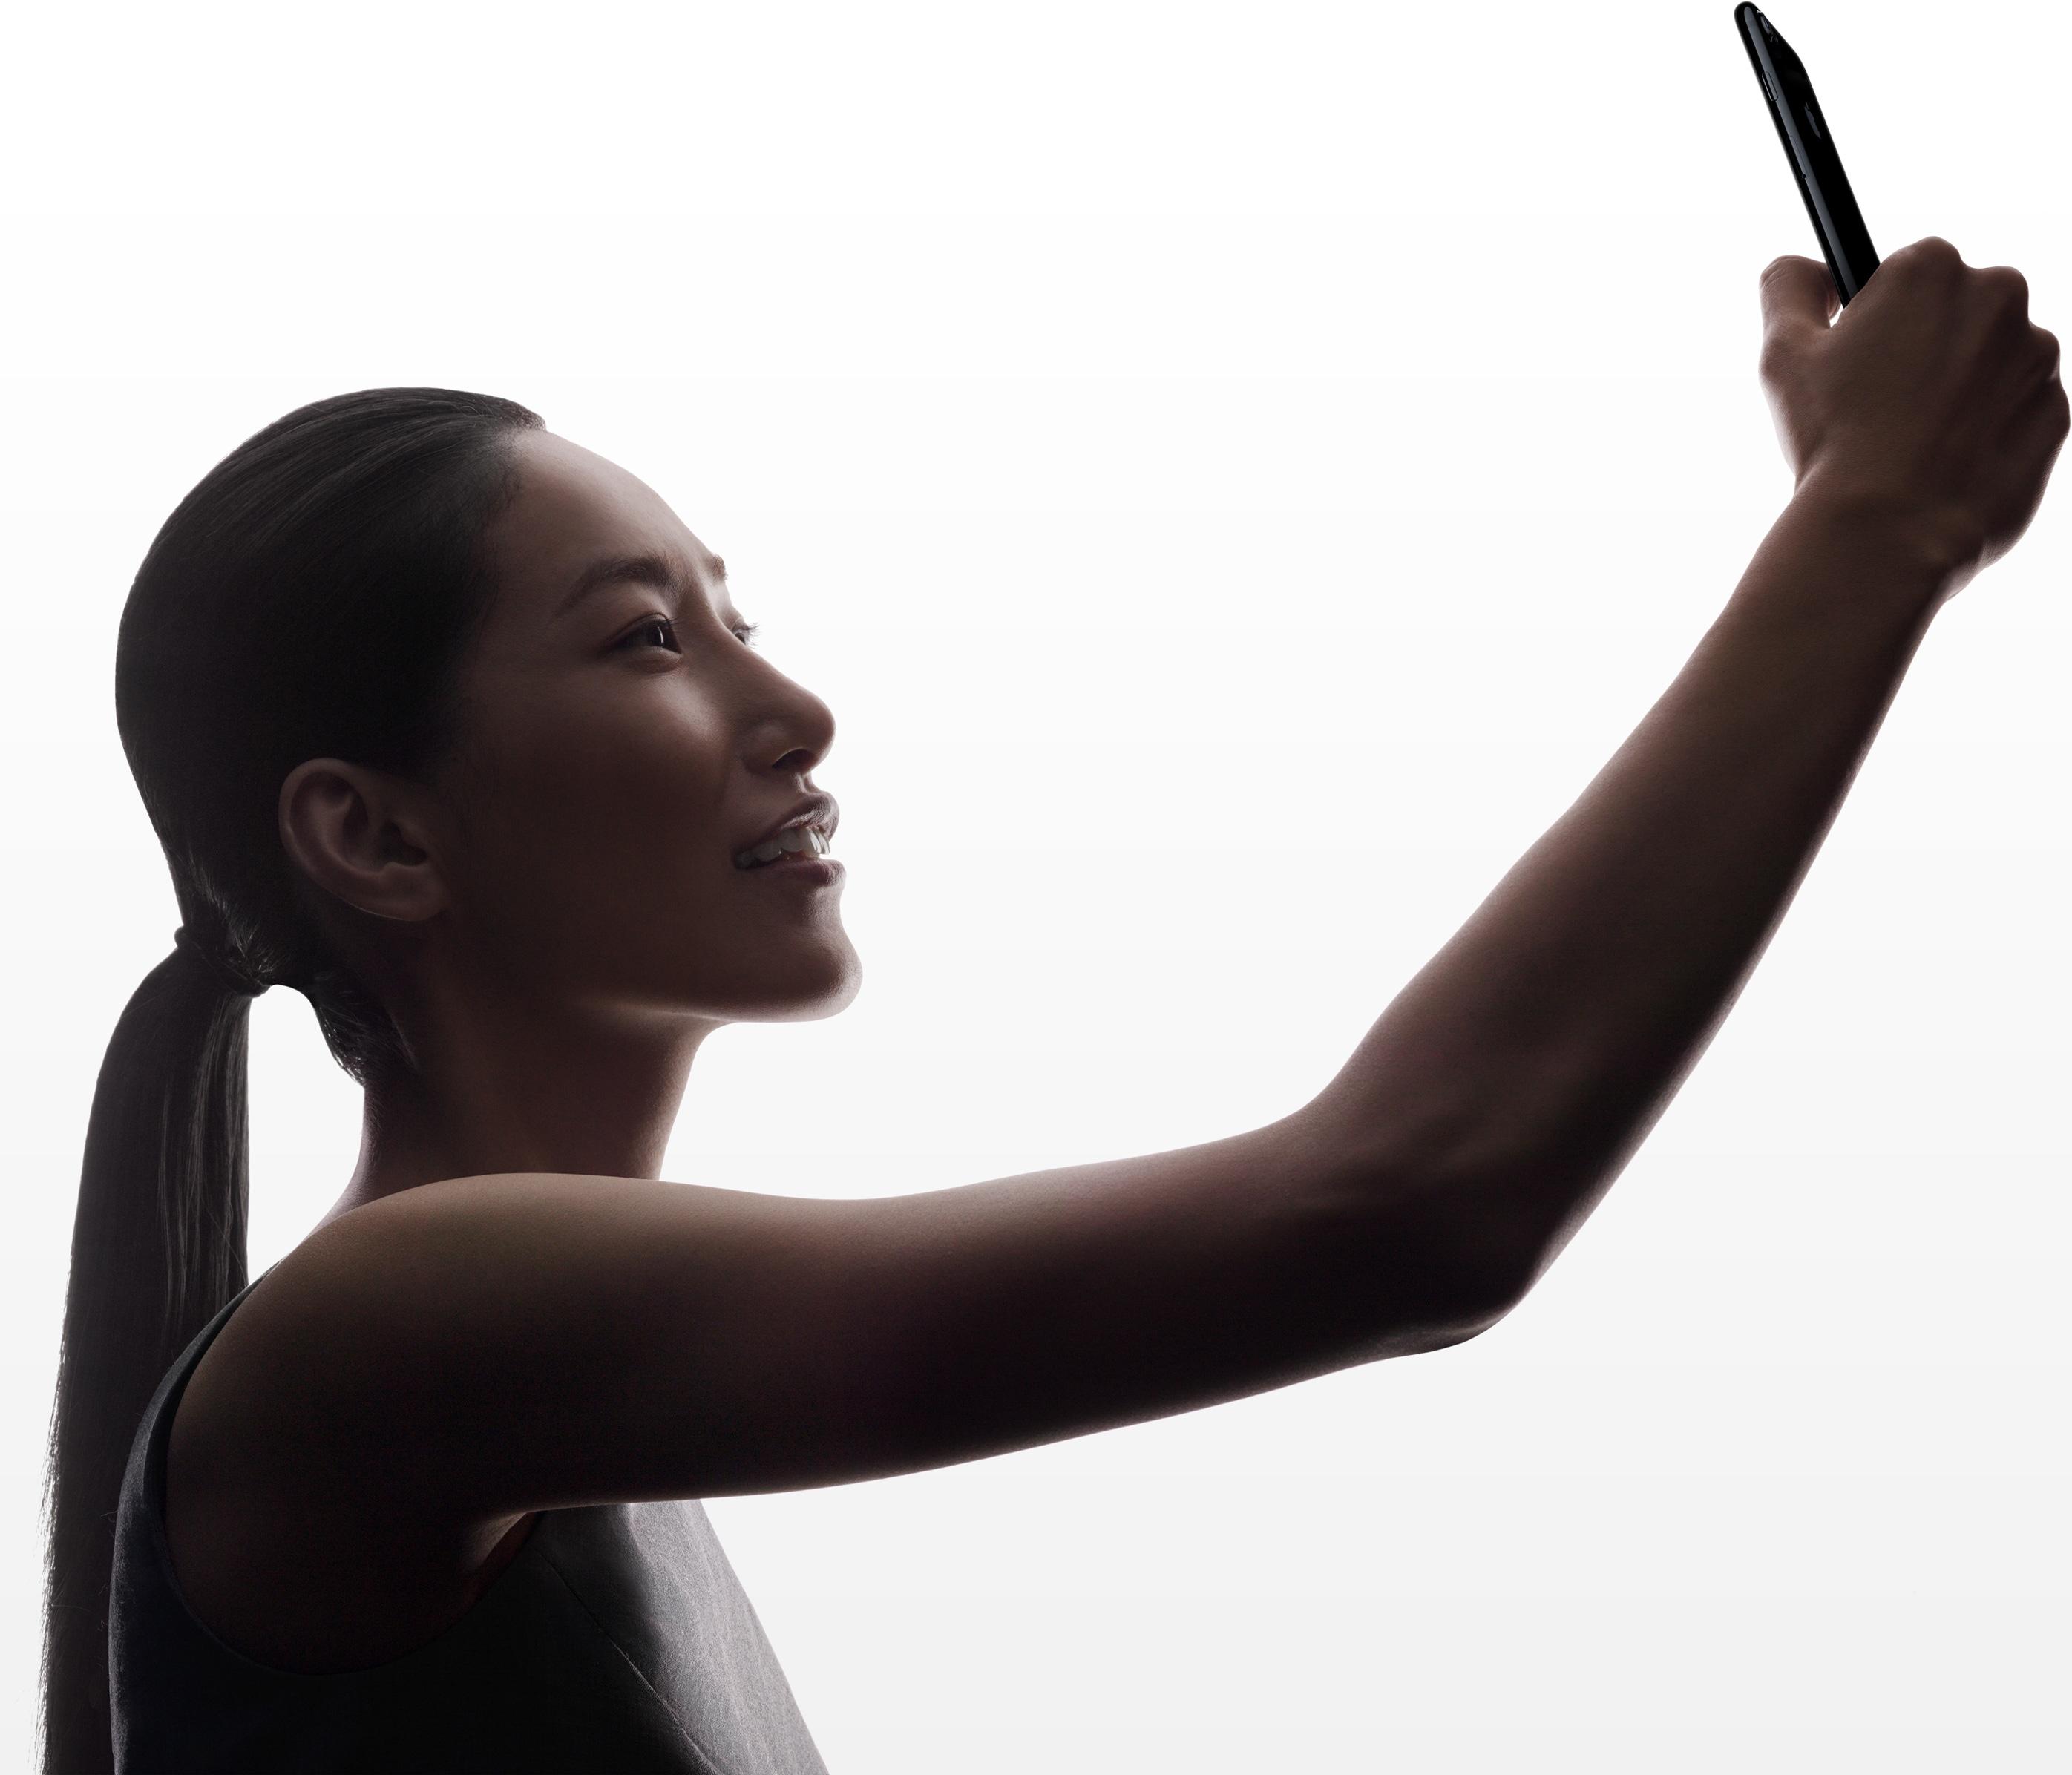 Câmera frontal dos iPhones 7 e 7 Plus